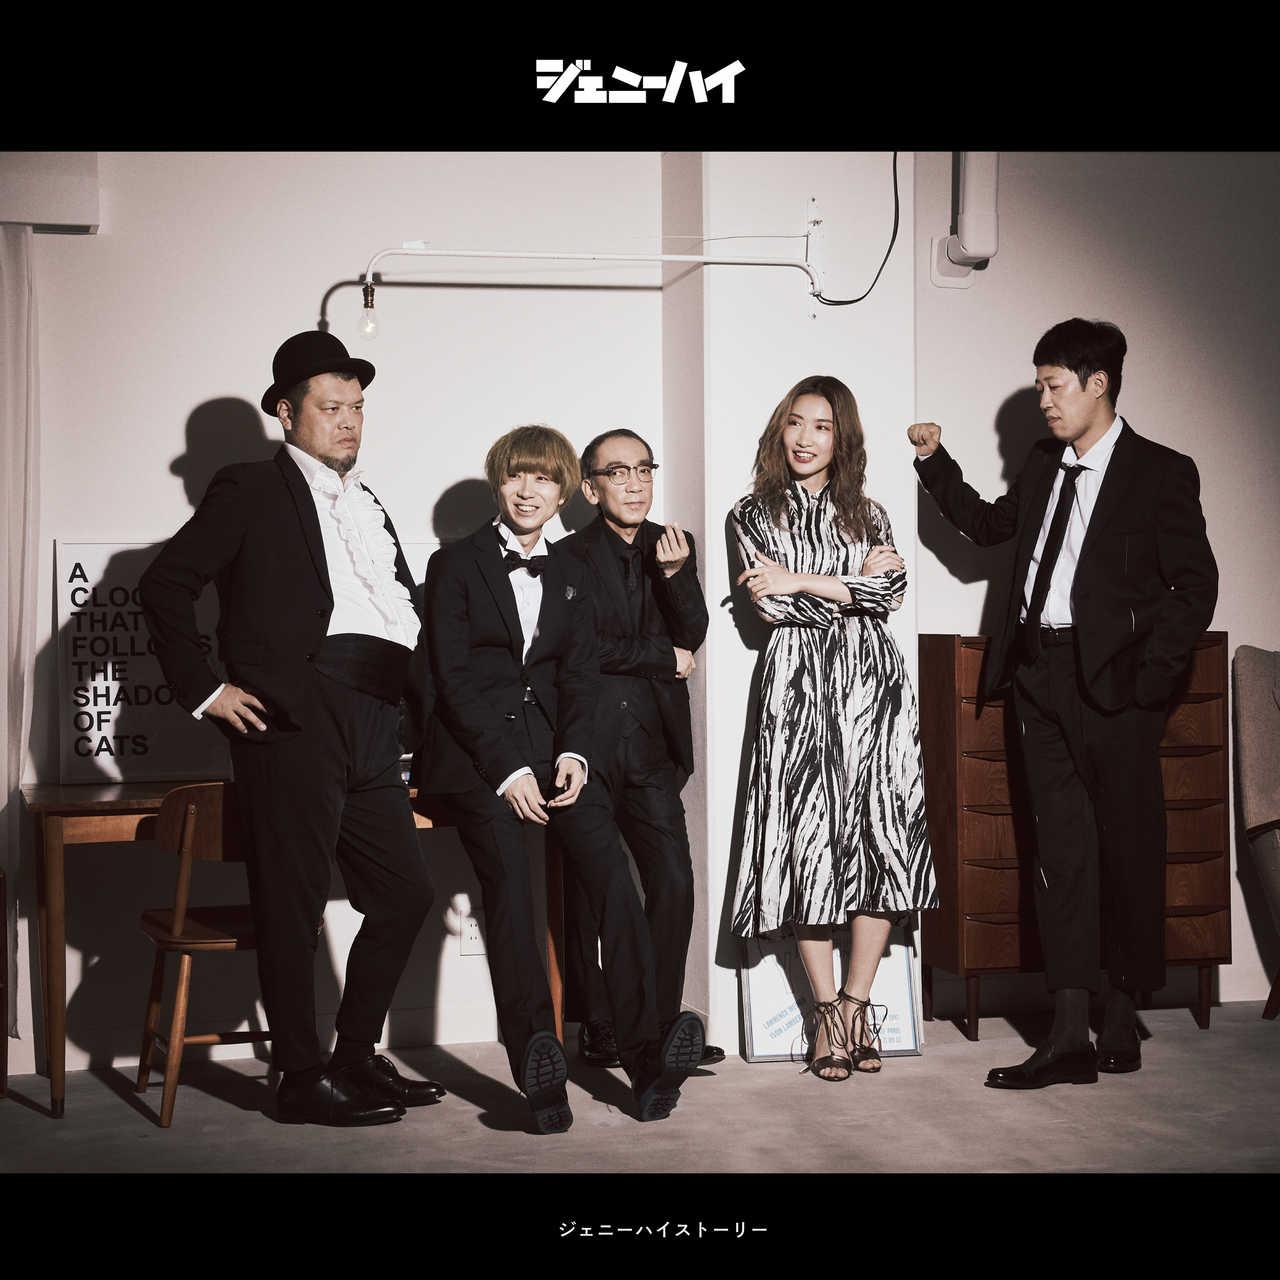 アルバム『ジェニーハイストーリー』【通常盤】(CD)